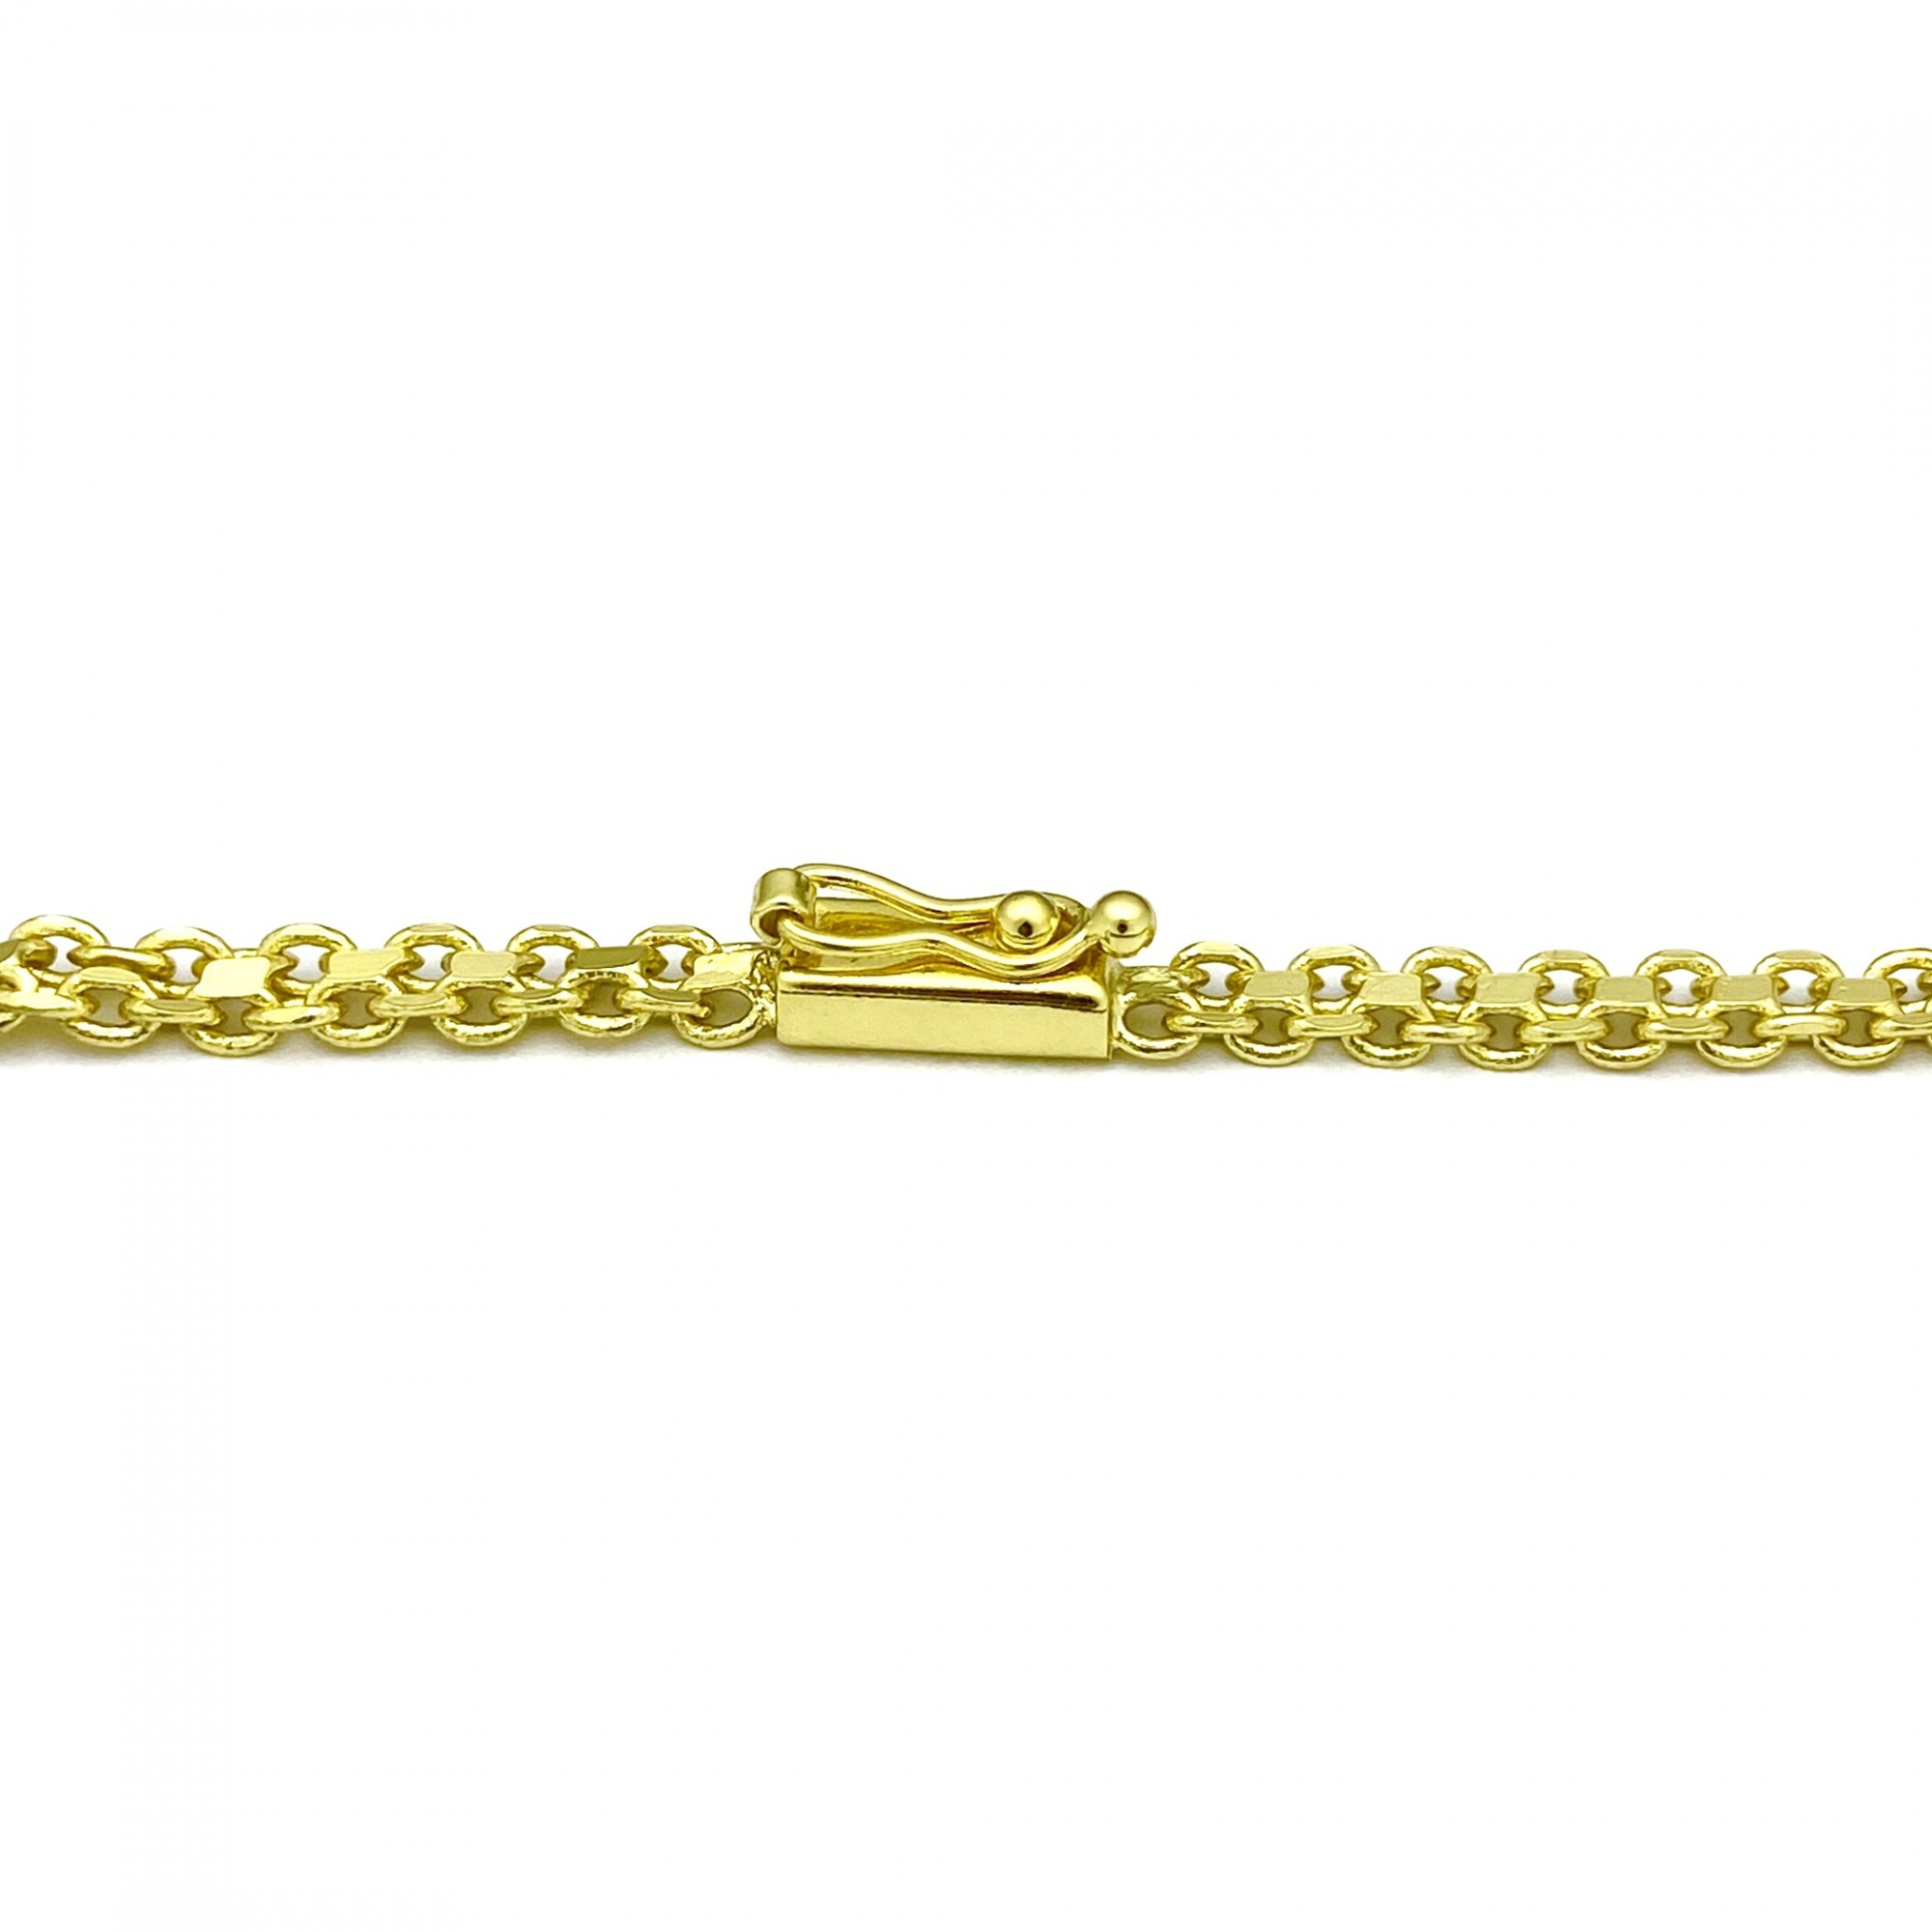 Corrente Cadeado Duplo 5mm 70cm 25g (Fecho Gaveta) (Banho Ouro 24k)